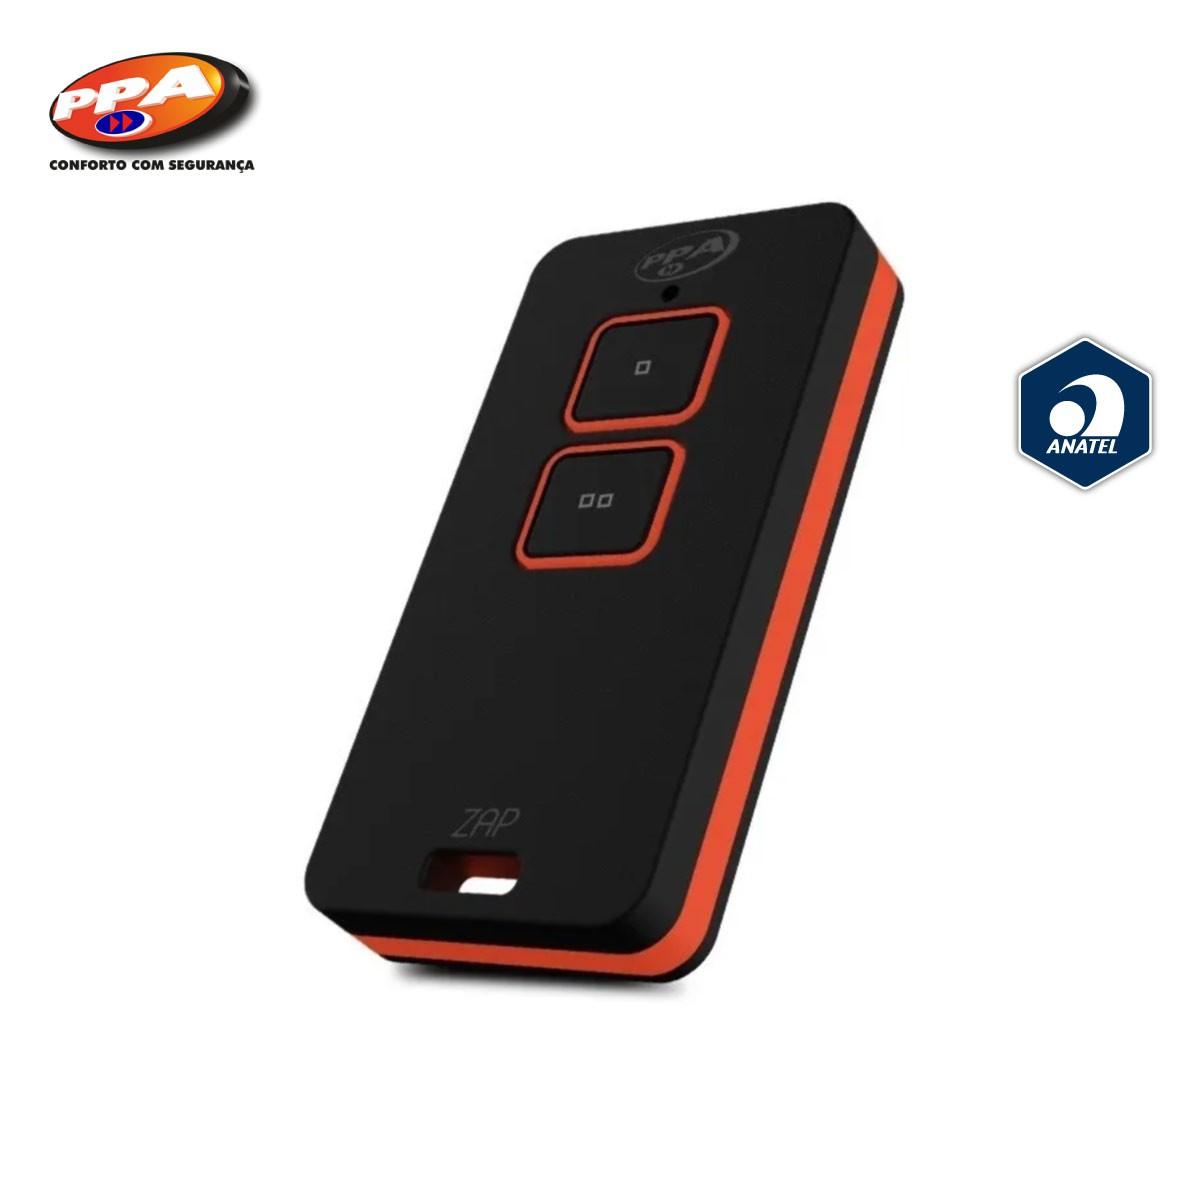 Controle Remoto PPA ZAP - Portão Alarme Cerca Elétrica 433MHZ 2b (Preto / Laranja)  - GO AUTOMAÇÃO